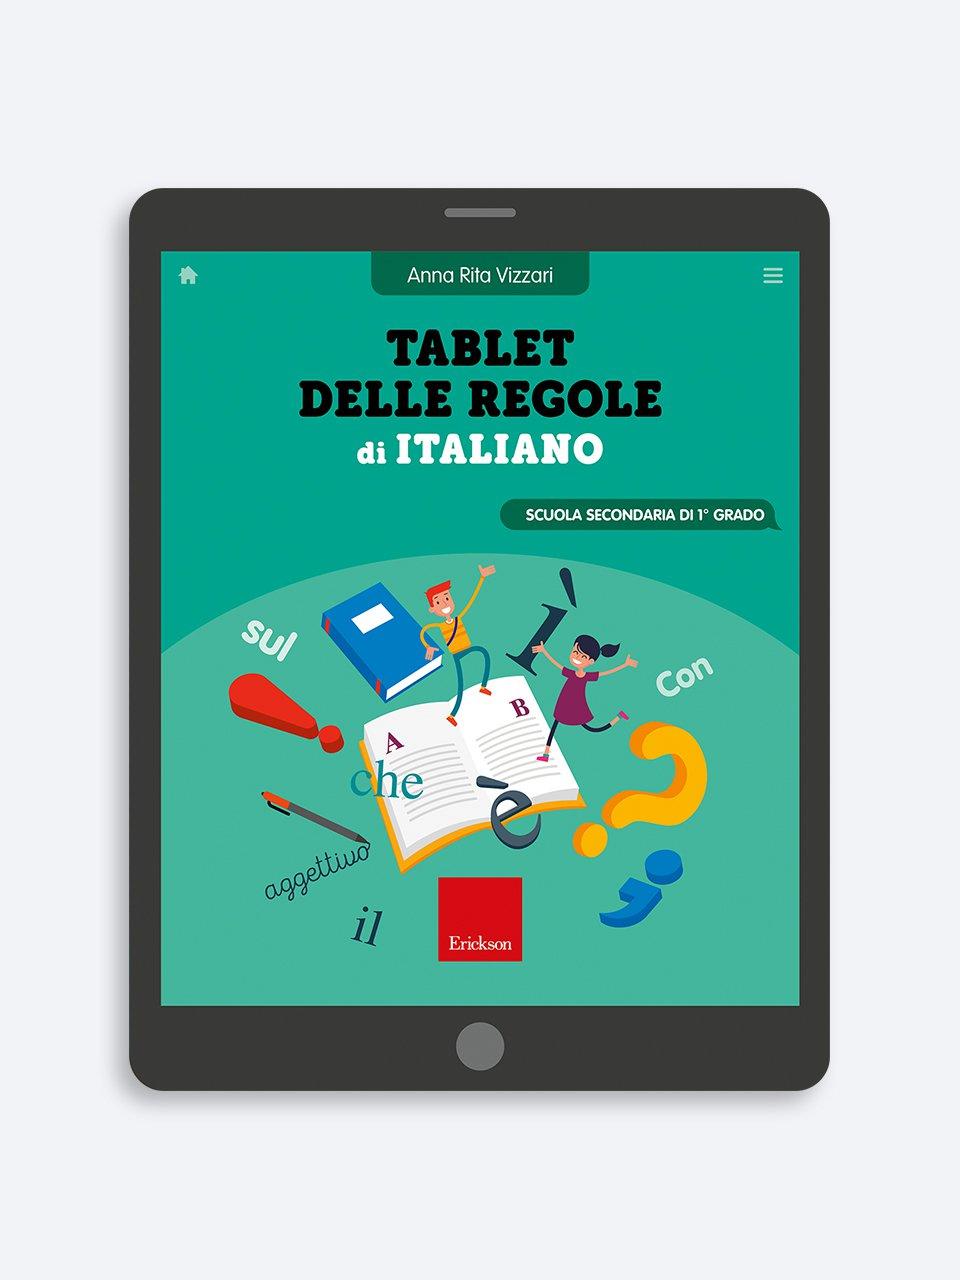 Tablet delle regole di Italiano - Prove di lettura e scrittura MT-16-19 - Libri - Erickson